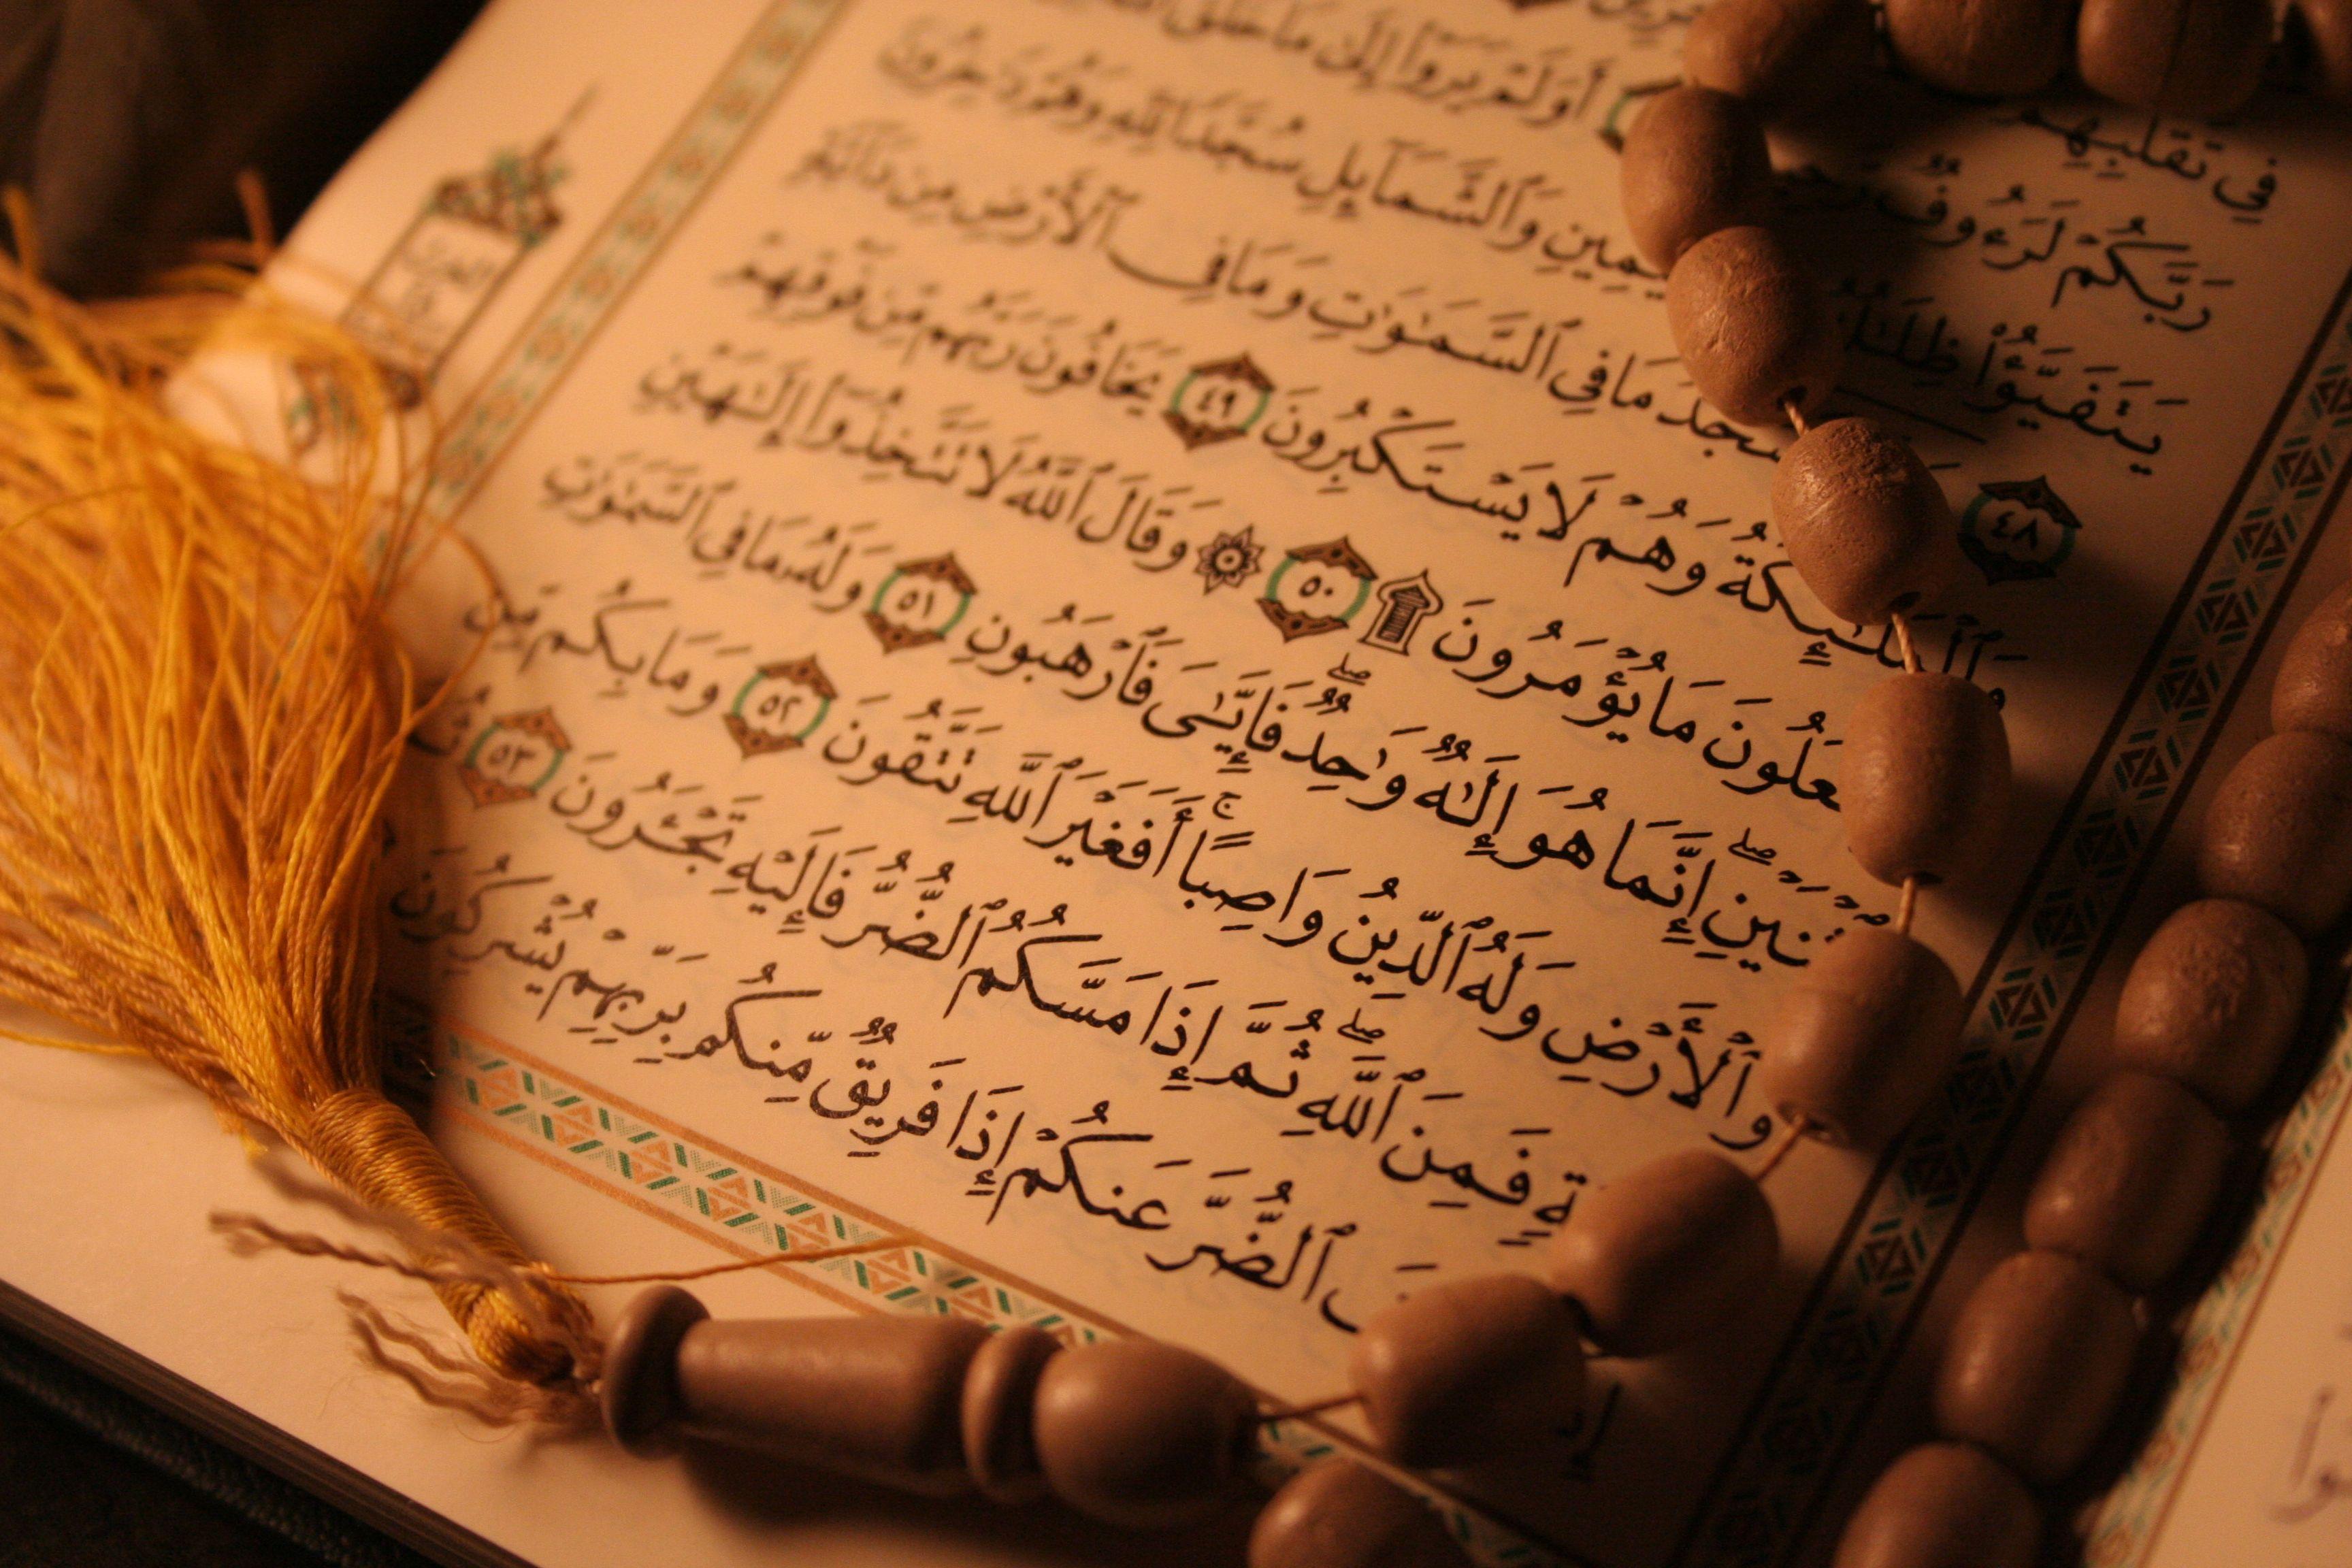 تفسیر آیه 140 سوره انعام